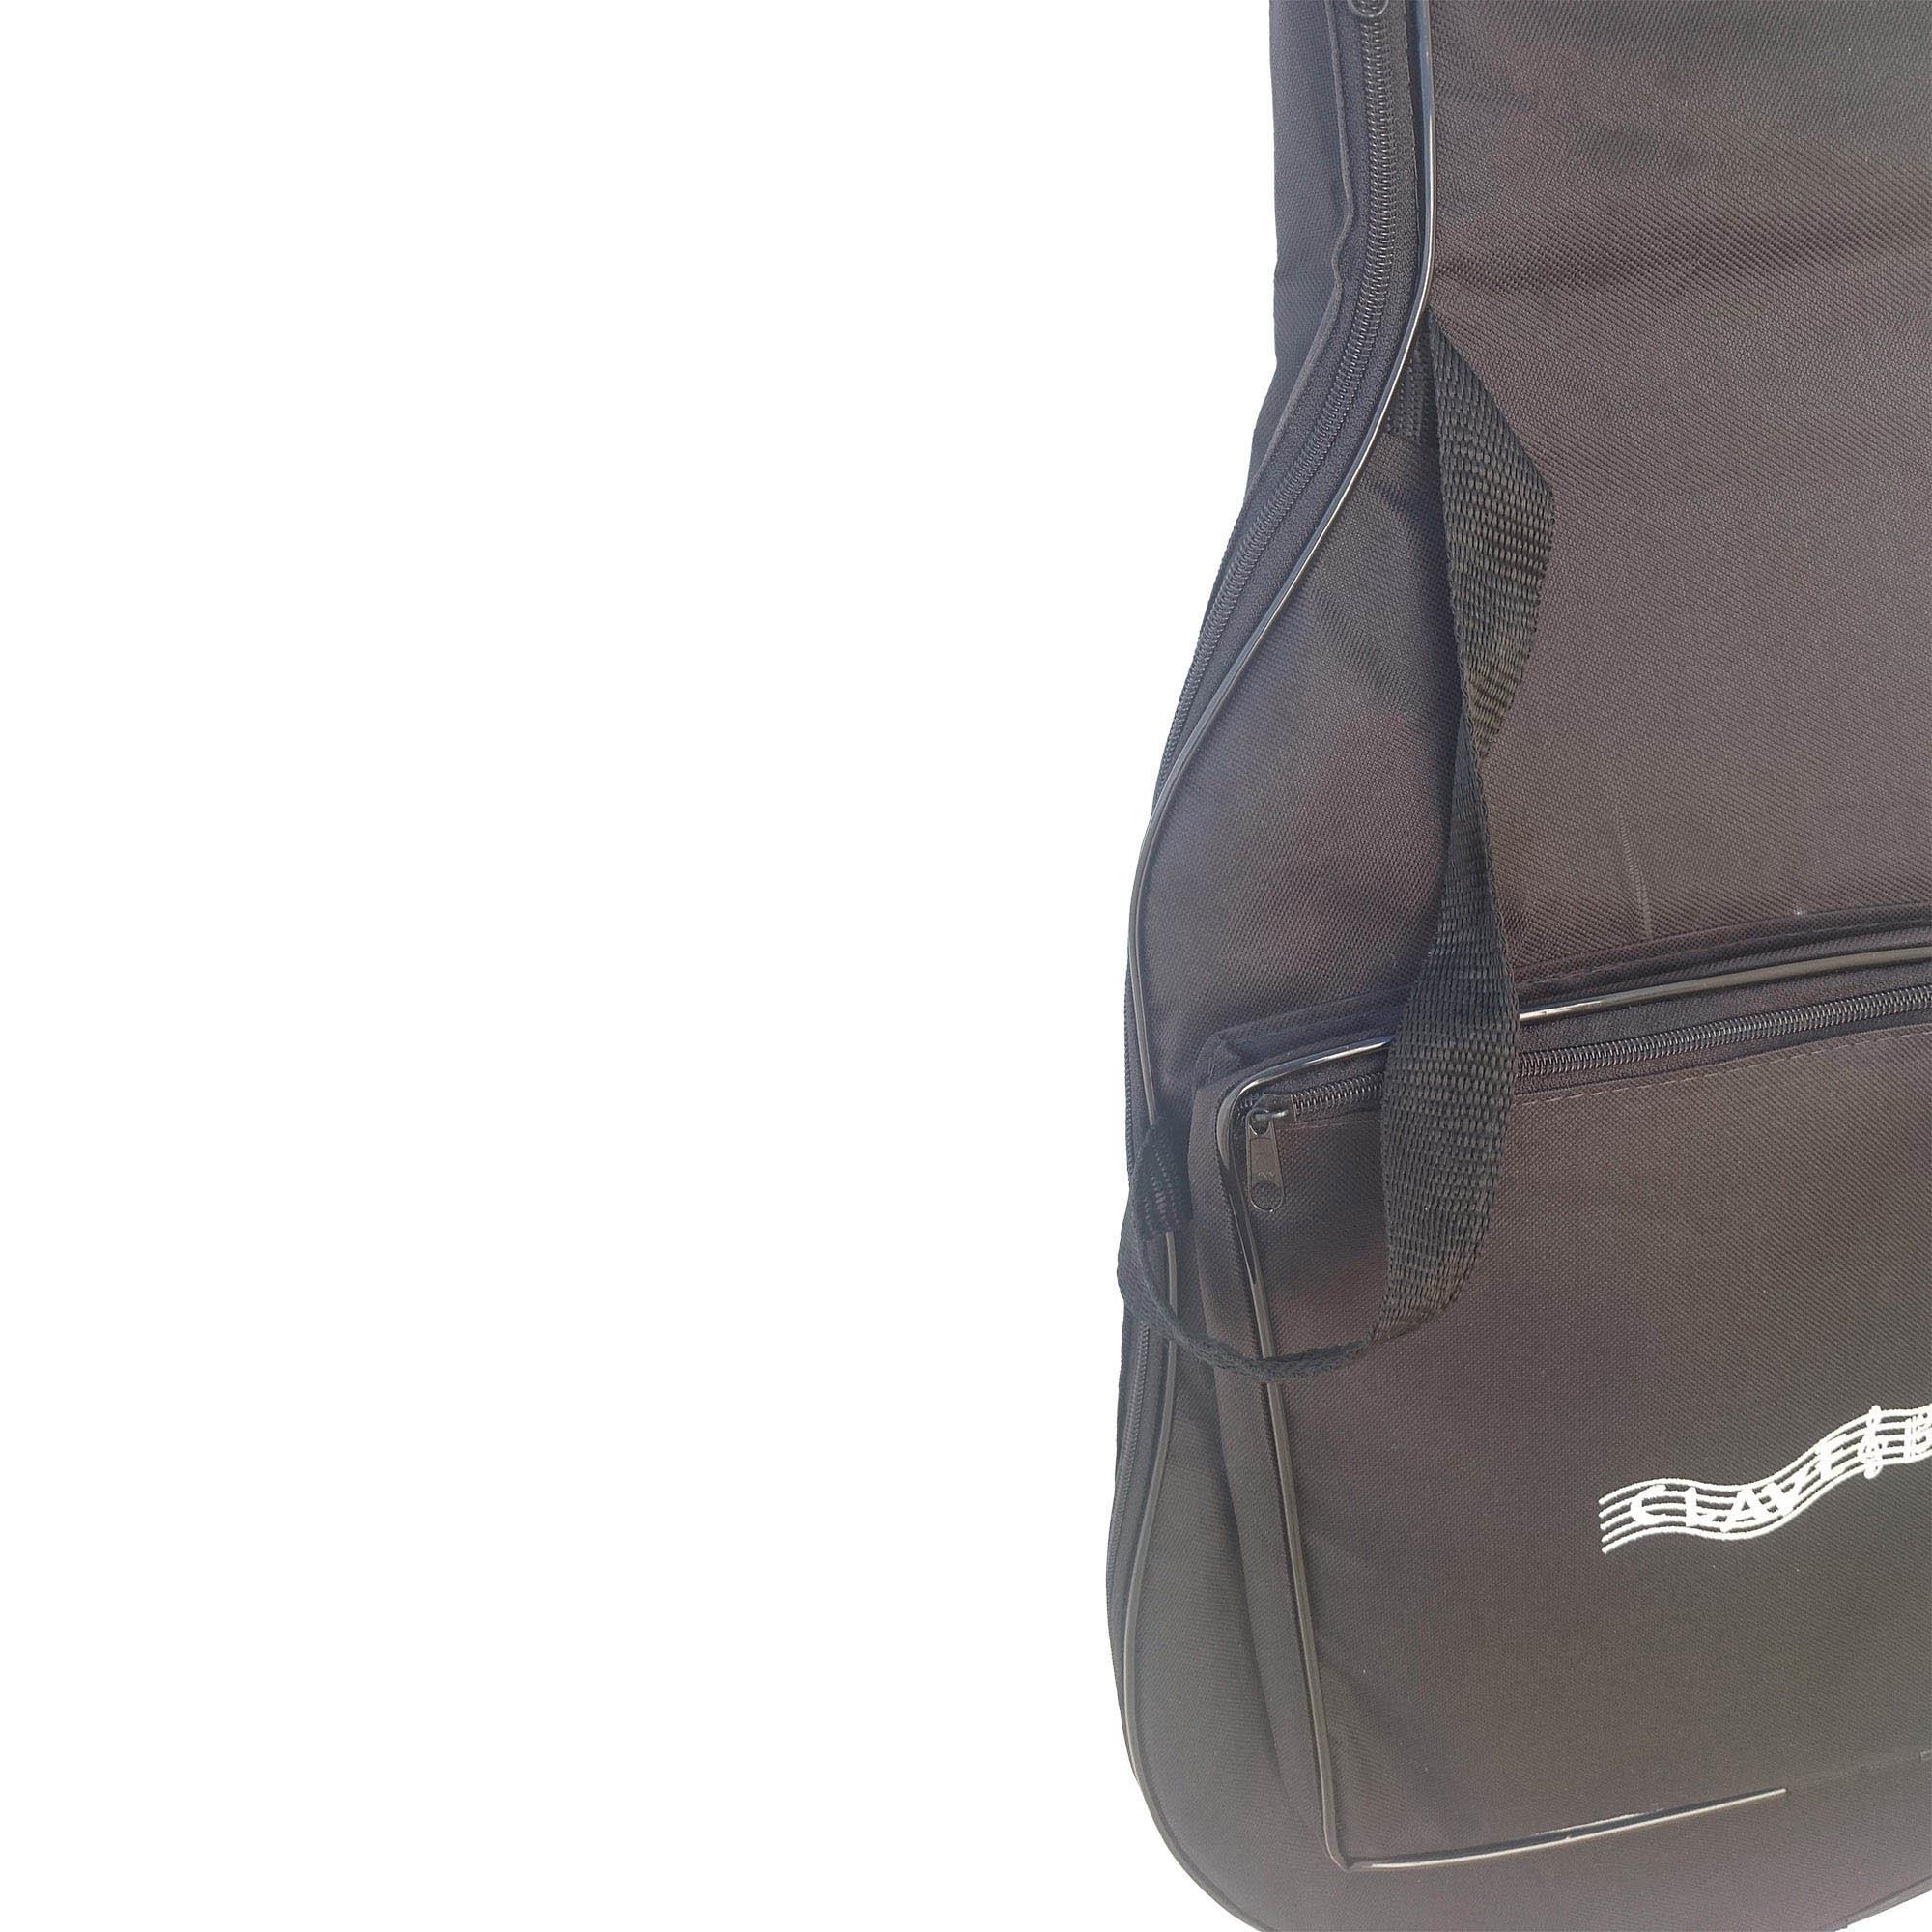 Capa para Violão 12 Cordas Luxo CLAVE & BAG. Acolchoada, alça de mão e de mochila. LU 505  - ROOSTERMUSIC